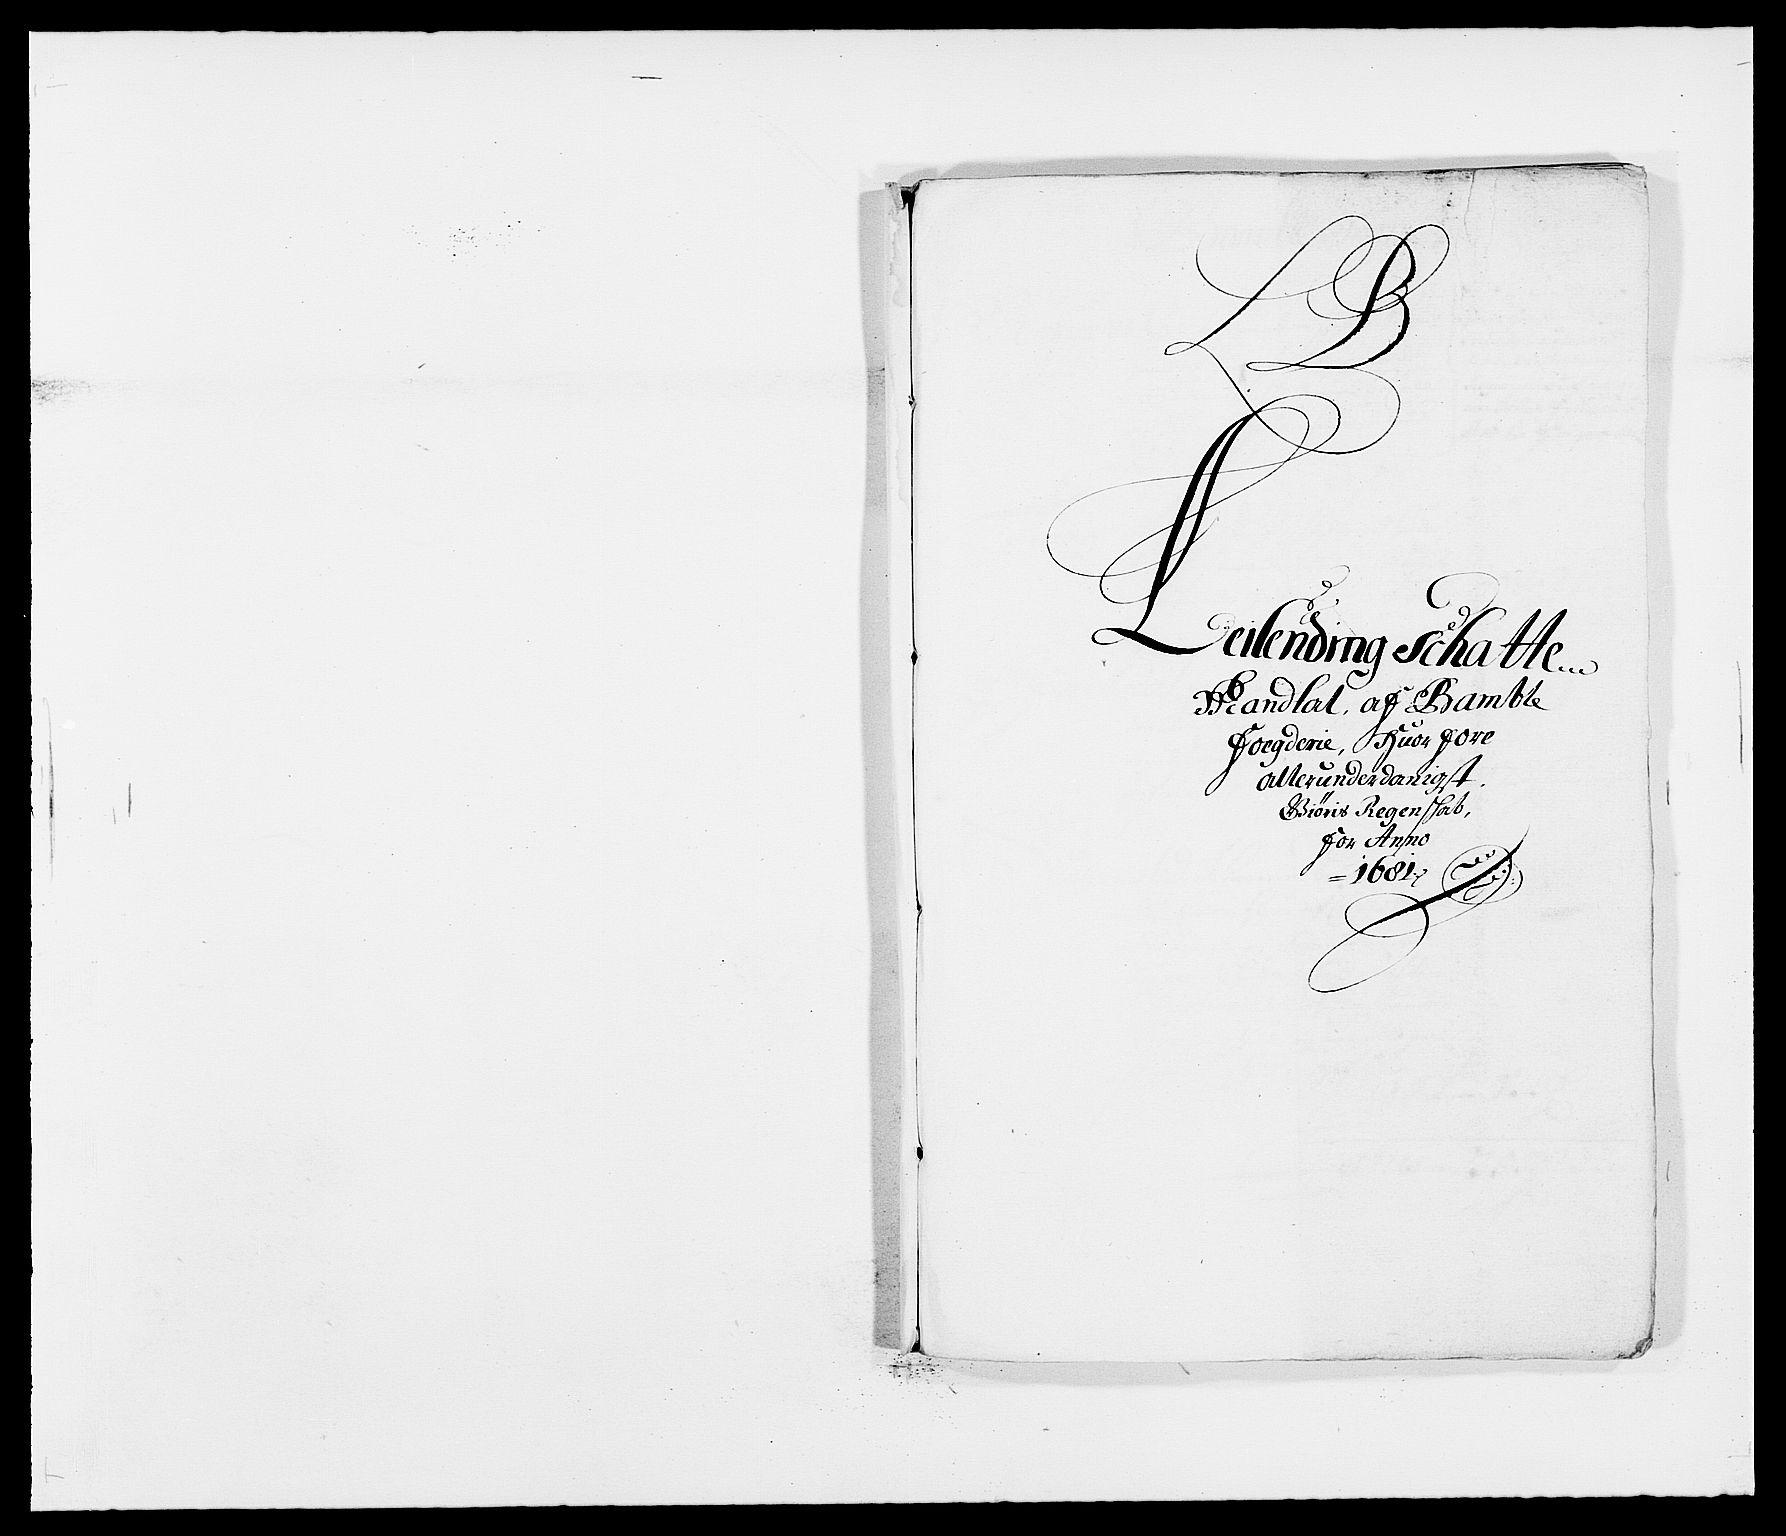 RA, Rentekammeret inntil 1814, Reviderte regnskaper, Fogderegnskap, R34/L2045: Fogderegnskap Bamble, 1680-1681, s. 273